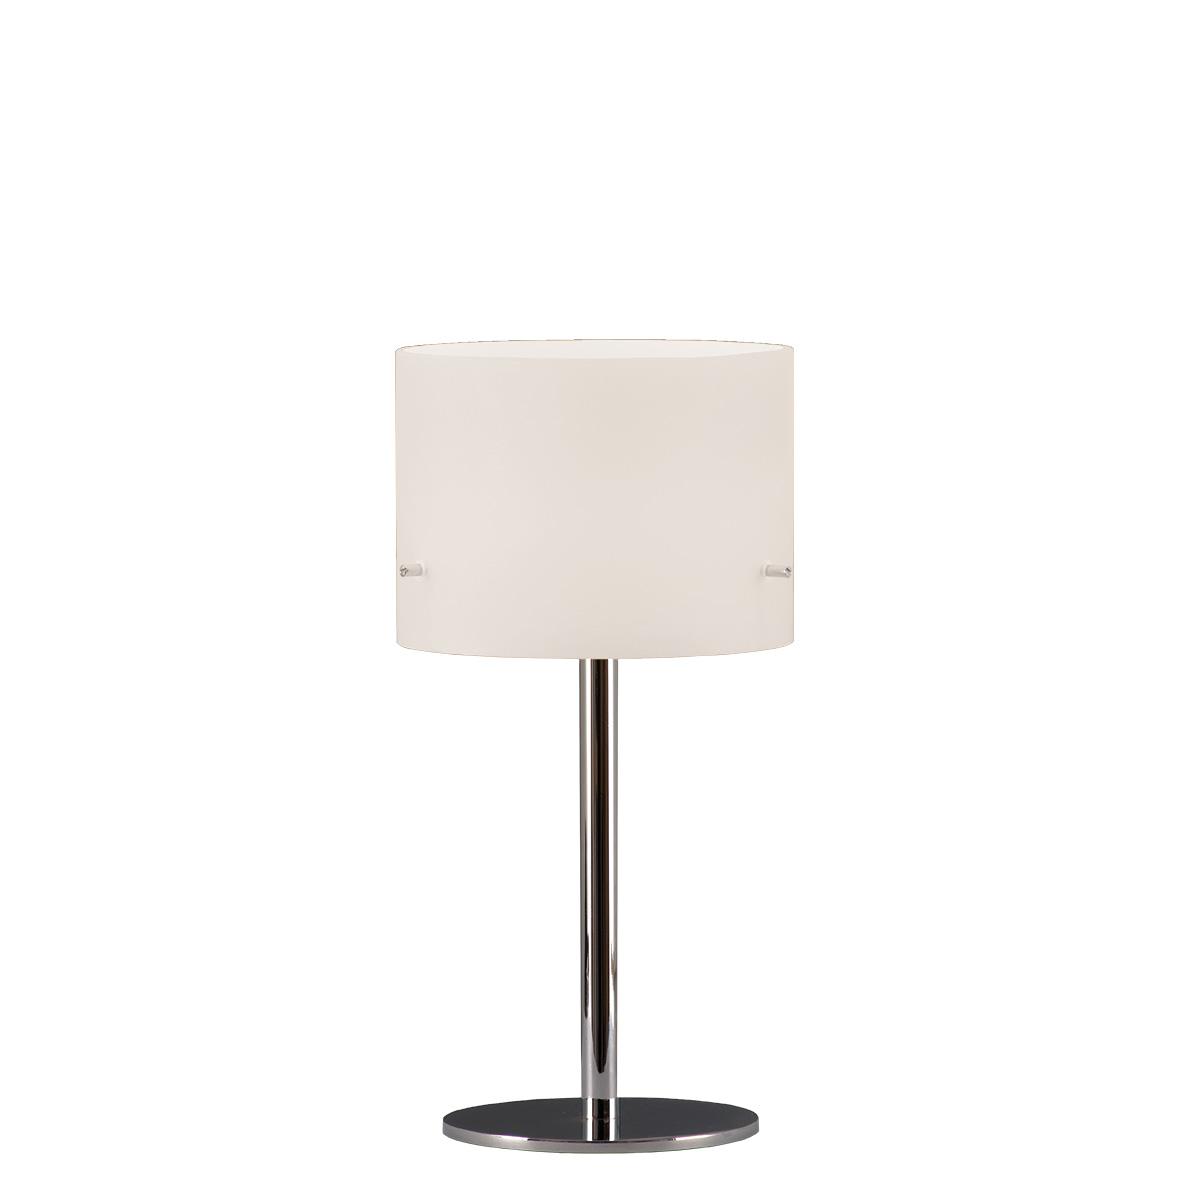 Μοντέρνο πορτατίφ Μουράνο ΚΥΛΙΝΔΡΟΙ modern Murano table lamp